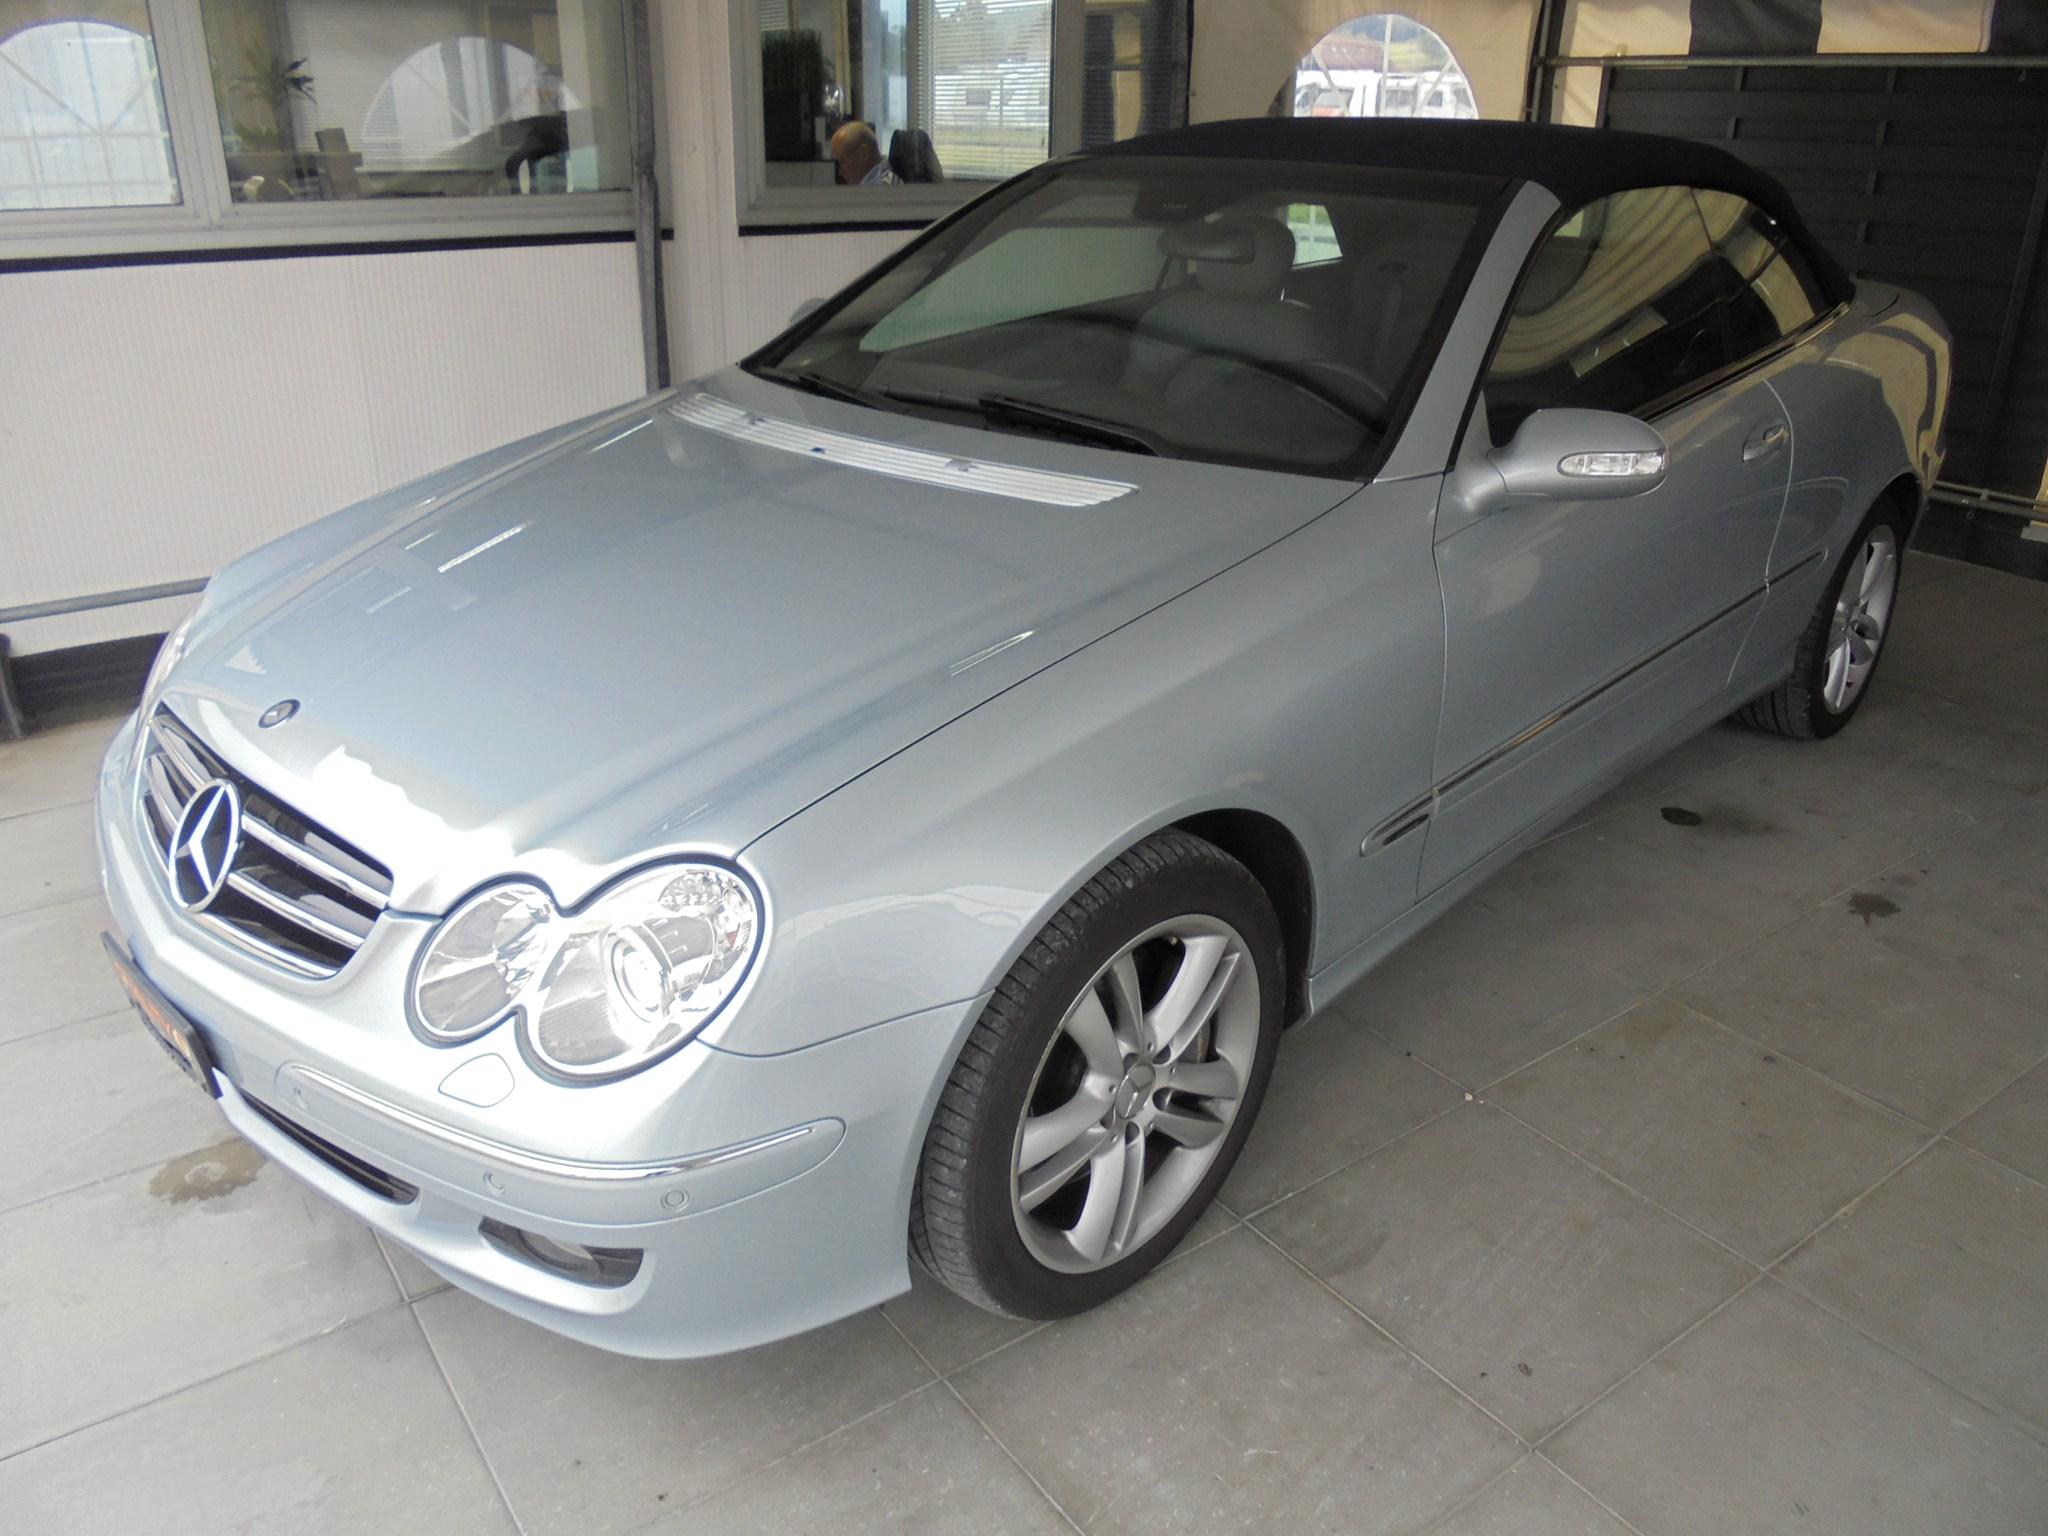 Gebraucht Cabriolet Mercedes Benz Clk 350 Avantgarde 7g Tronic 112900 Km Für 12900 Chf Kaufen Auf Carforyou Ch